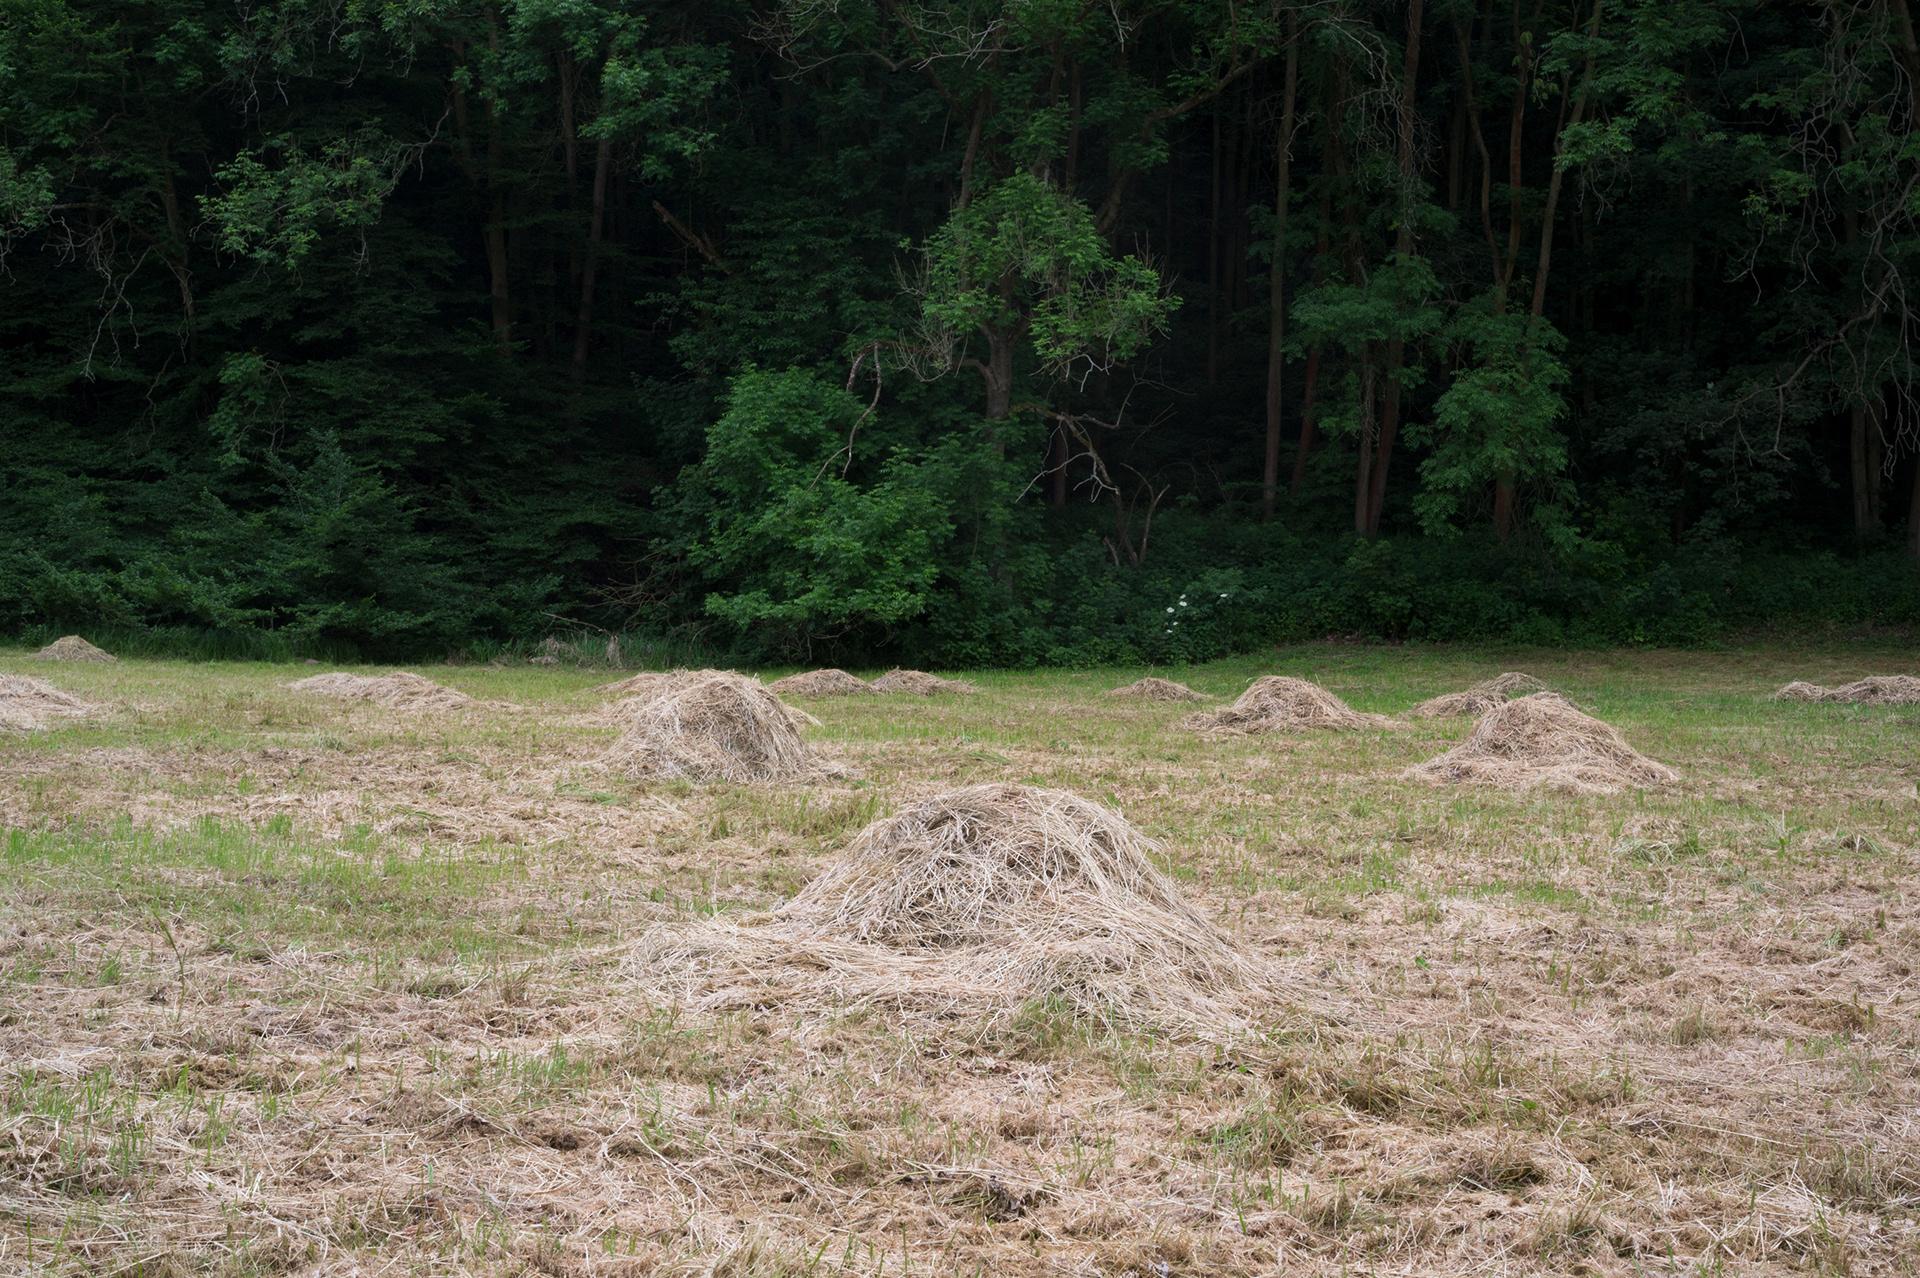 Mound of dry hay, Šárka valley, Czech Republic